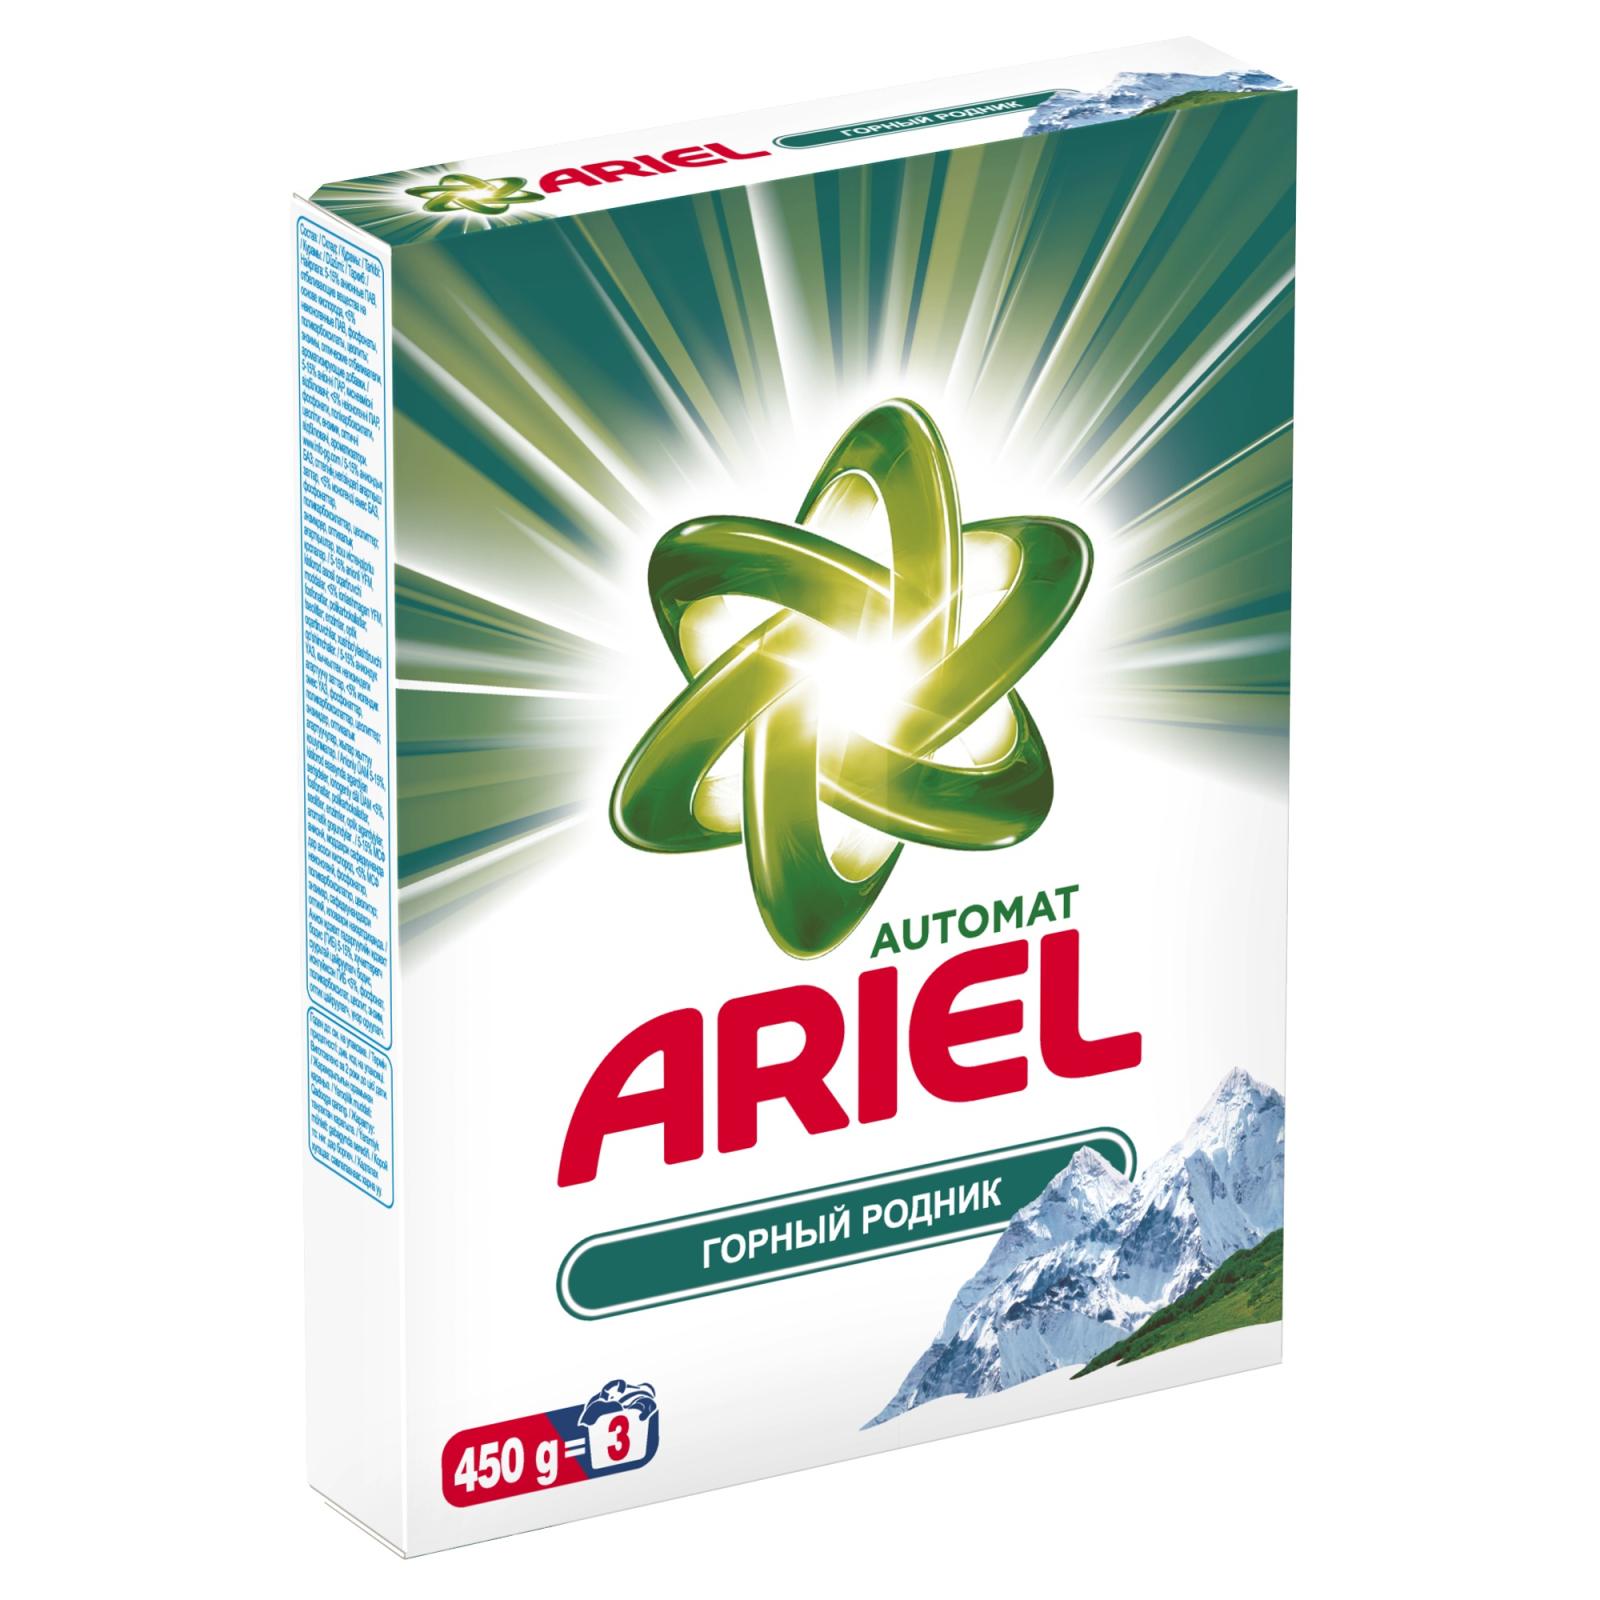 Стиральный порошок Ariel Горный Родник 450 г (5413149045972)